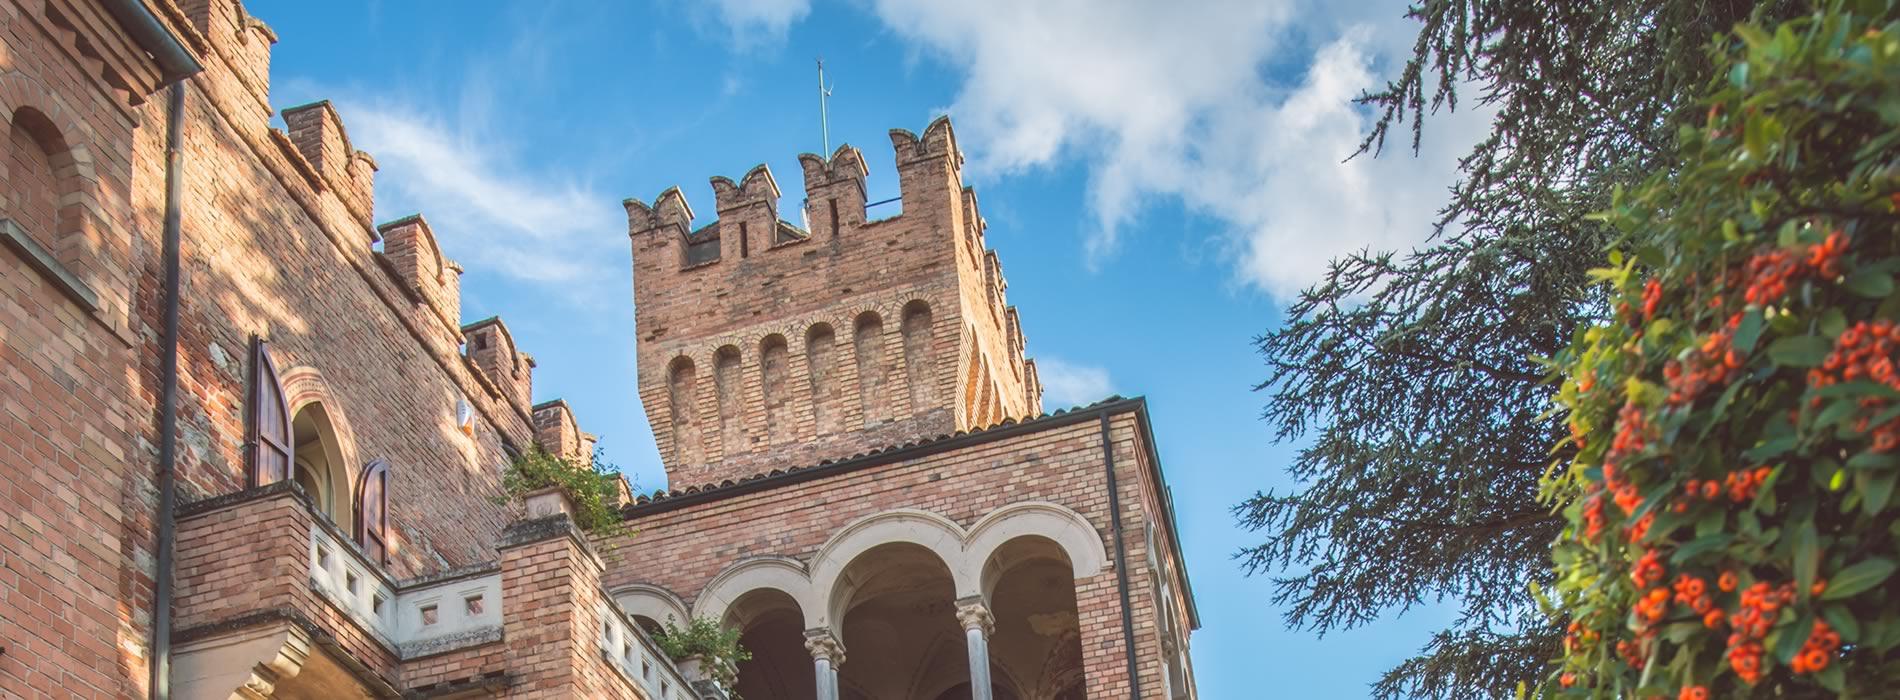 Castello di Mornico Losana, Oltrepò pavese, Pavia - 4